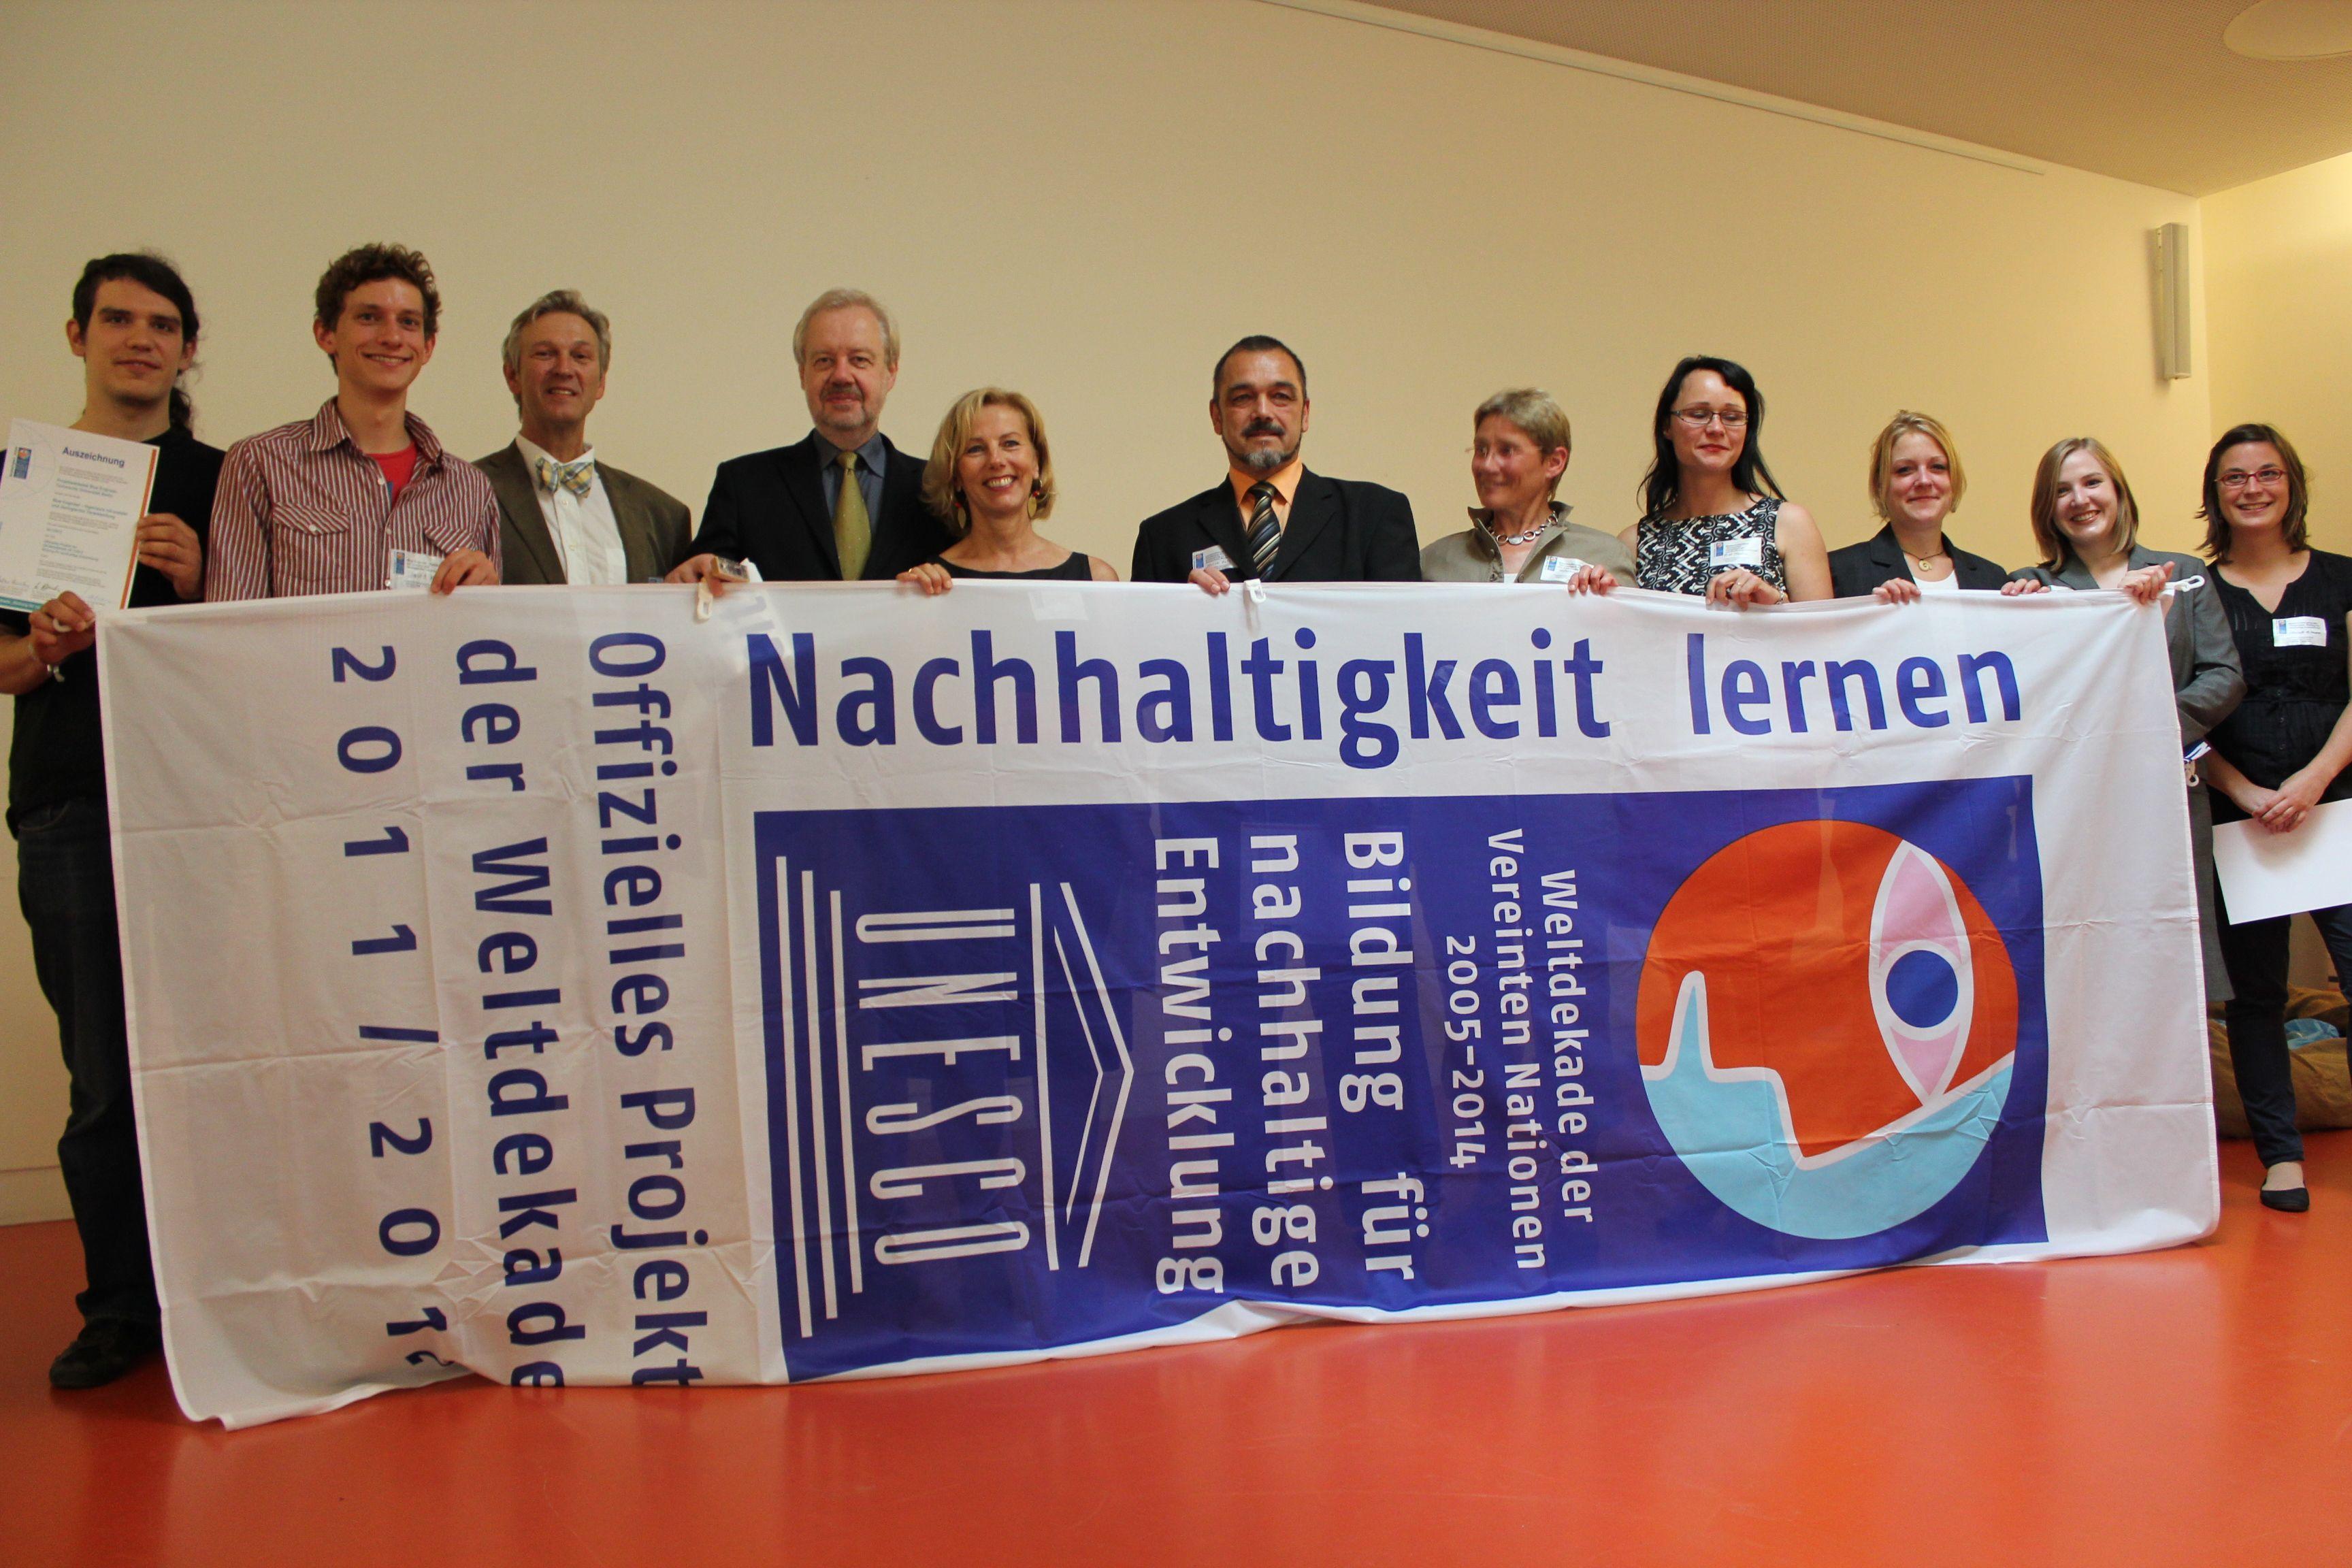 Gruppenfoto hinter Plakat zu UN Dekade 2011/2012